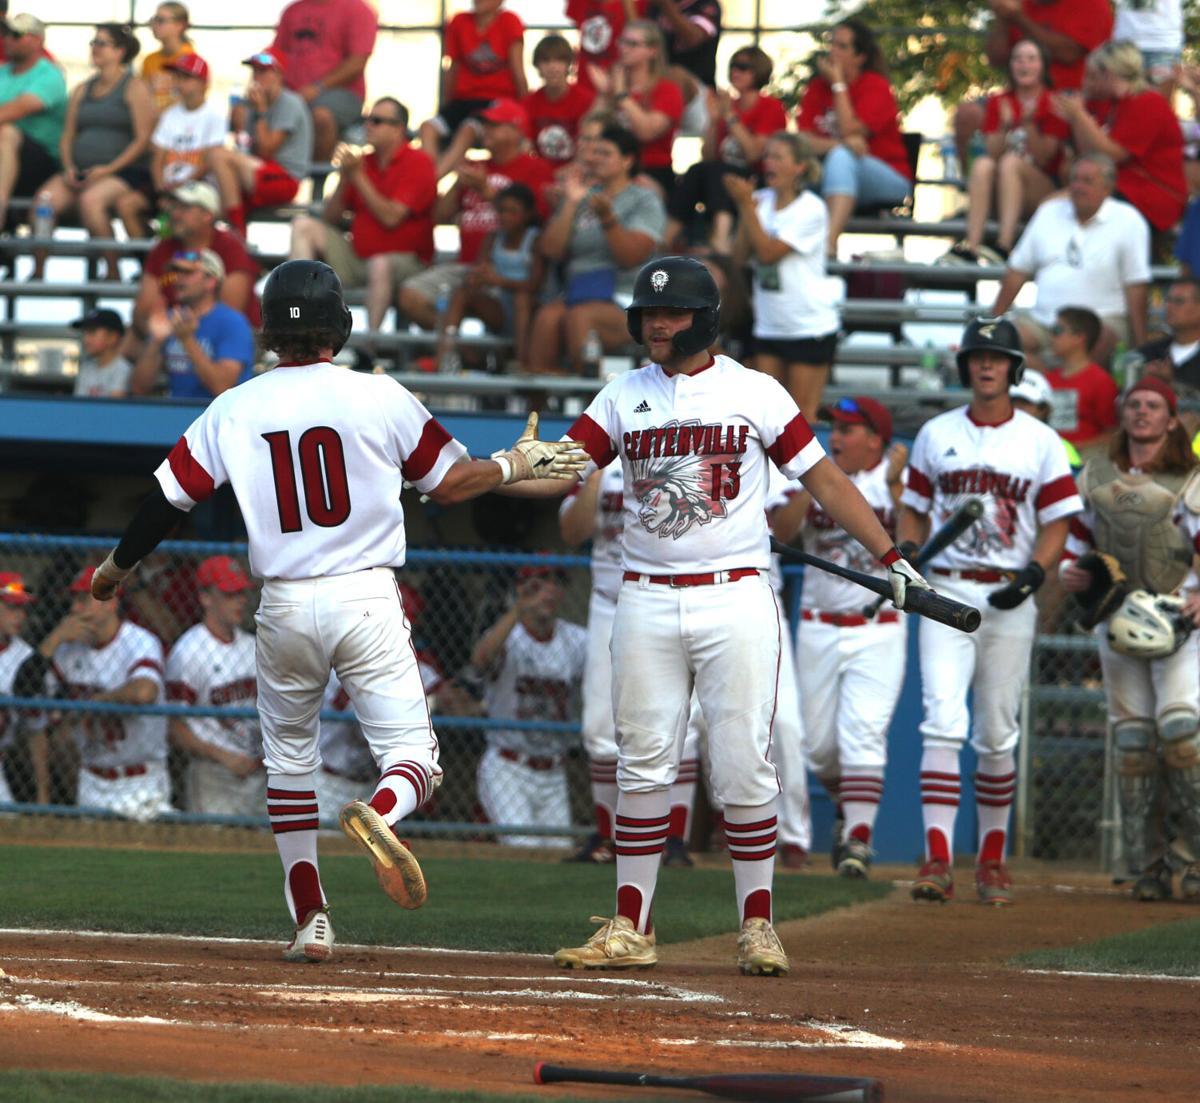 Centerville baseball